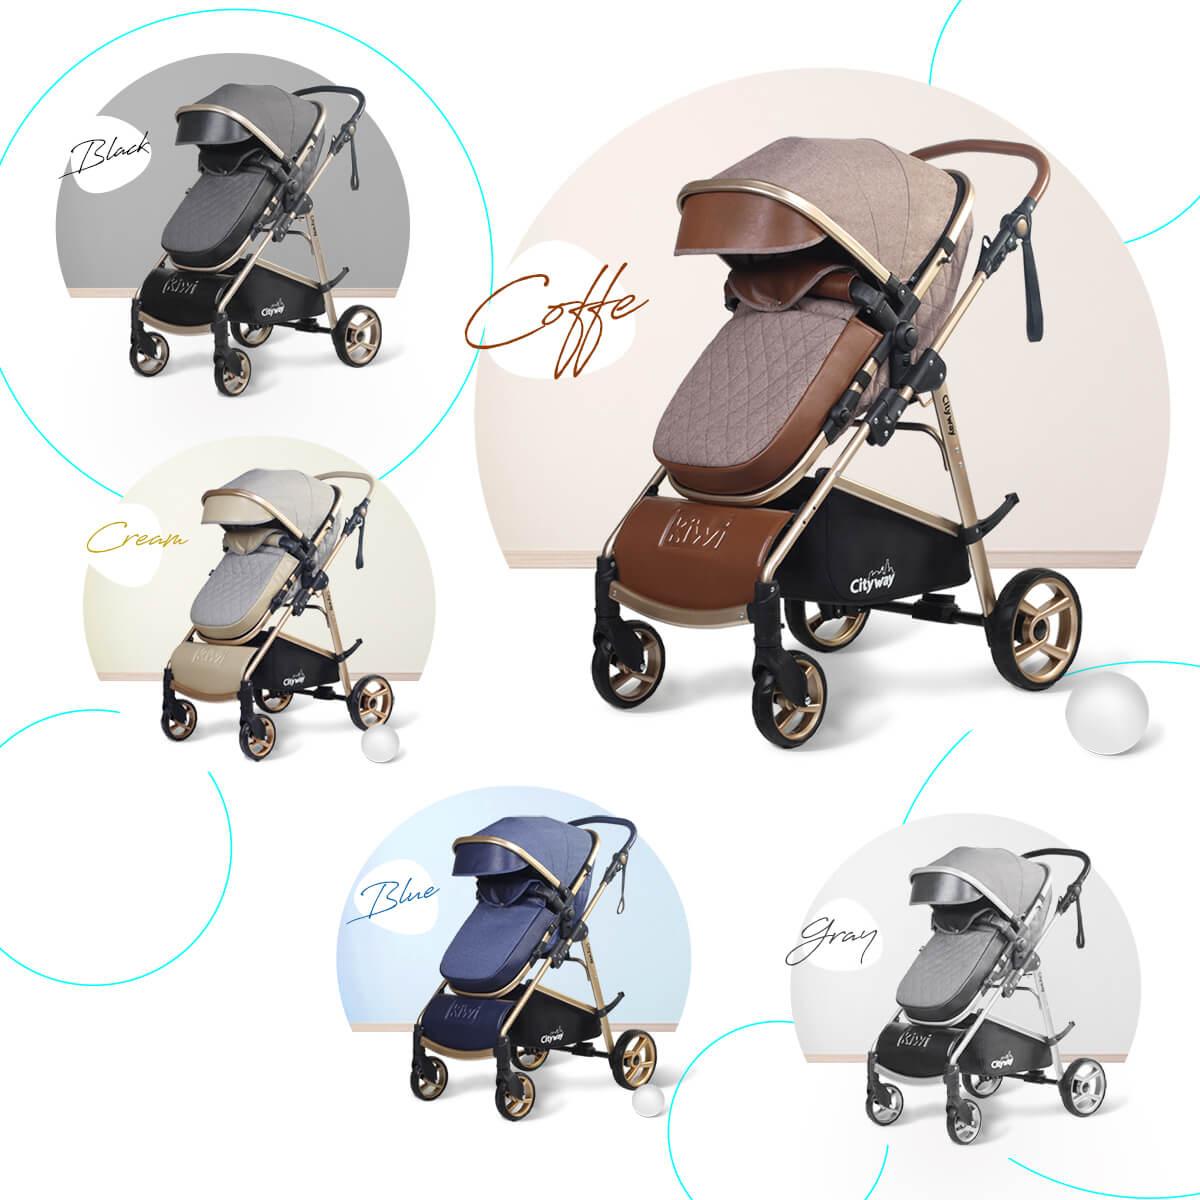 bebek arabası önerileri